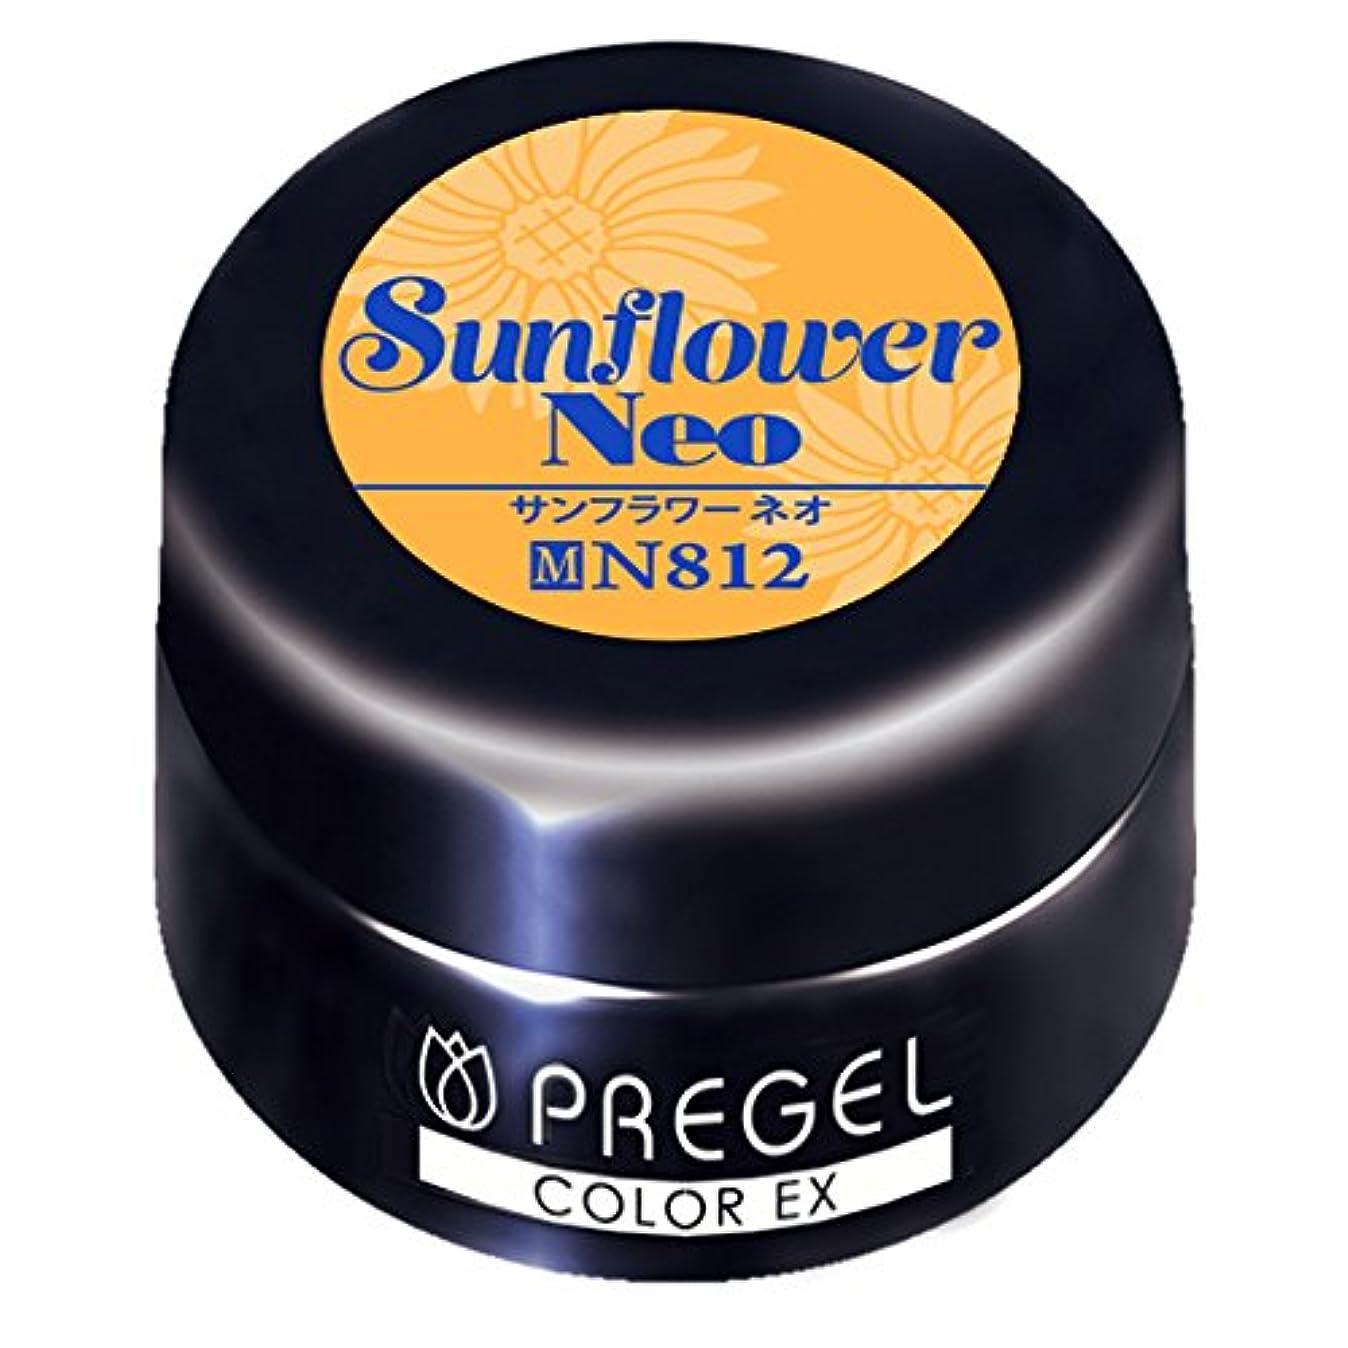 ハーフ抜粋占めるPRE GEL カラーEX サンフラワーneo812 3g UV/LED対応